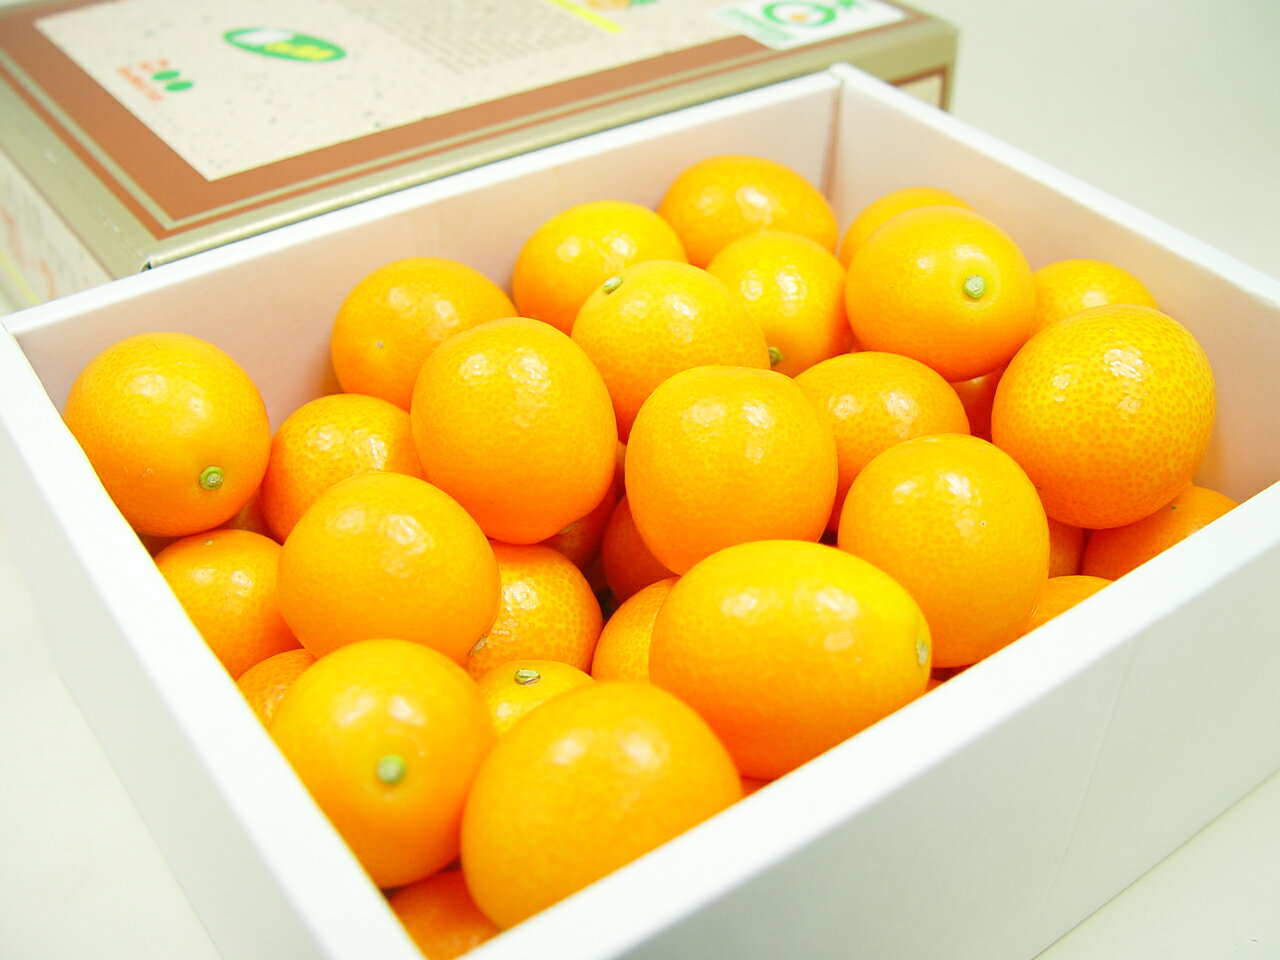 宮崎県産 金柑 たまたま エクセレント 2Lサイ...の商品画像